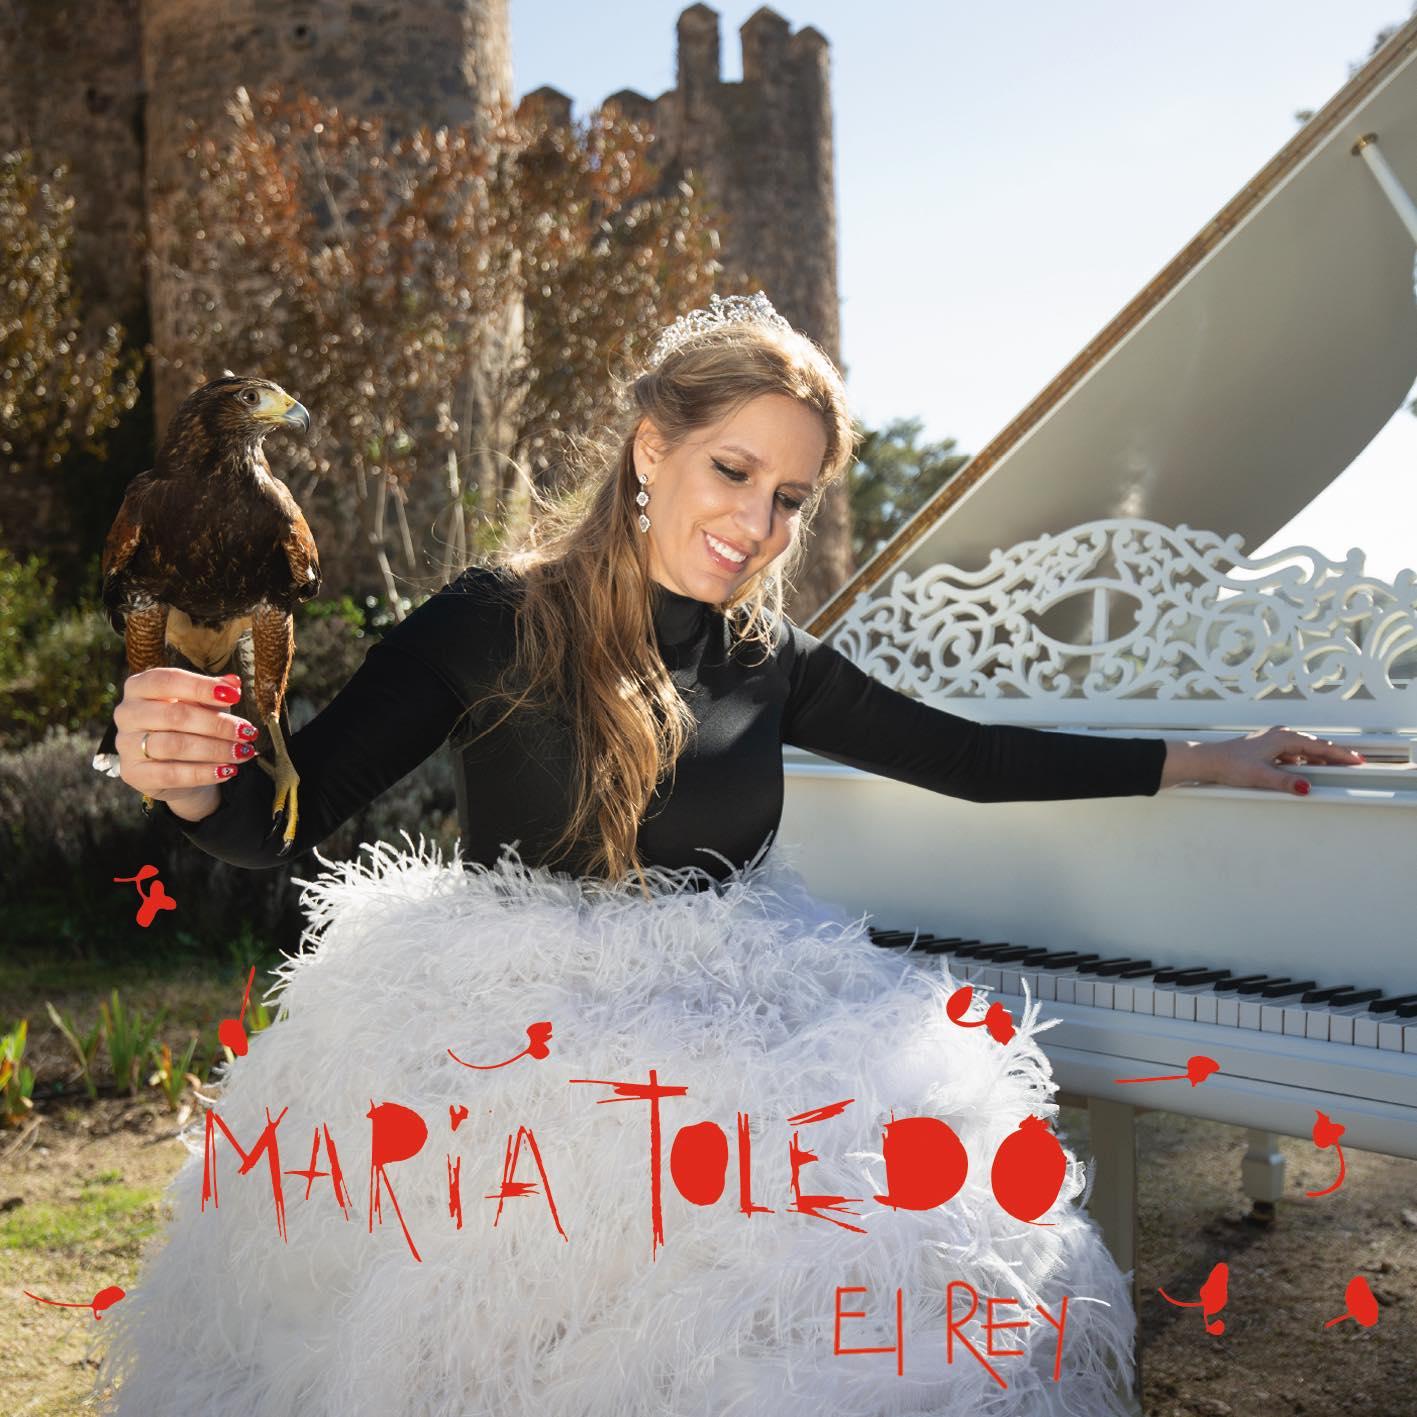 María Toledo el rey